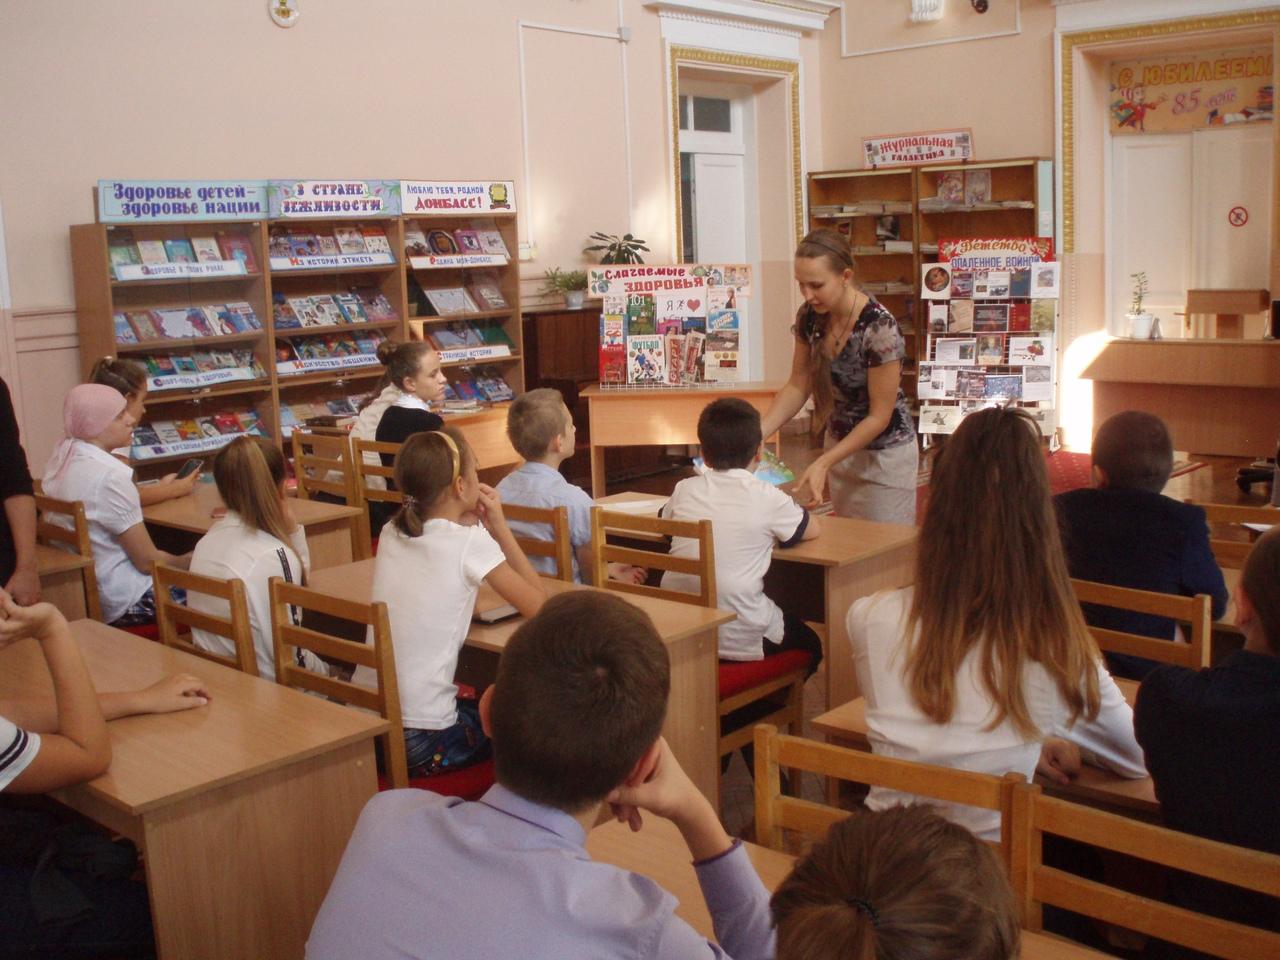 как хорошо учиться, уроки с библиотекой, донецкая республиканская библиотека для детей, отдел обслуживания учащихся 5-9 классов